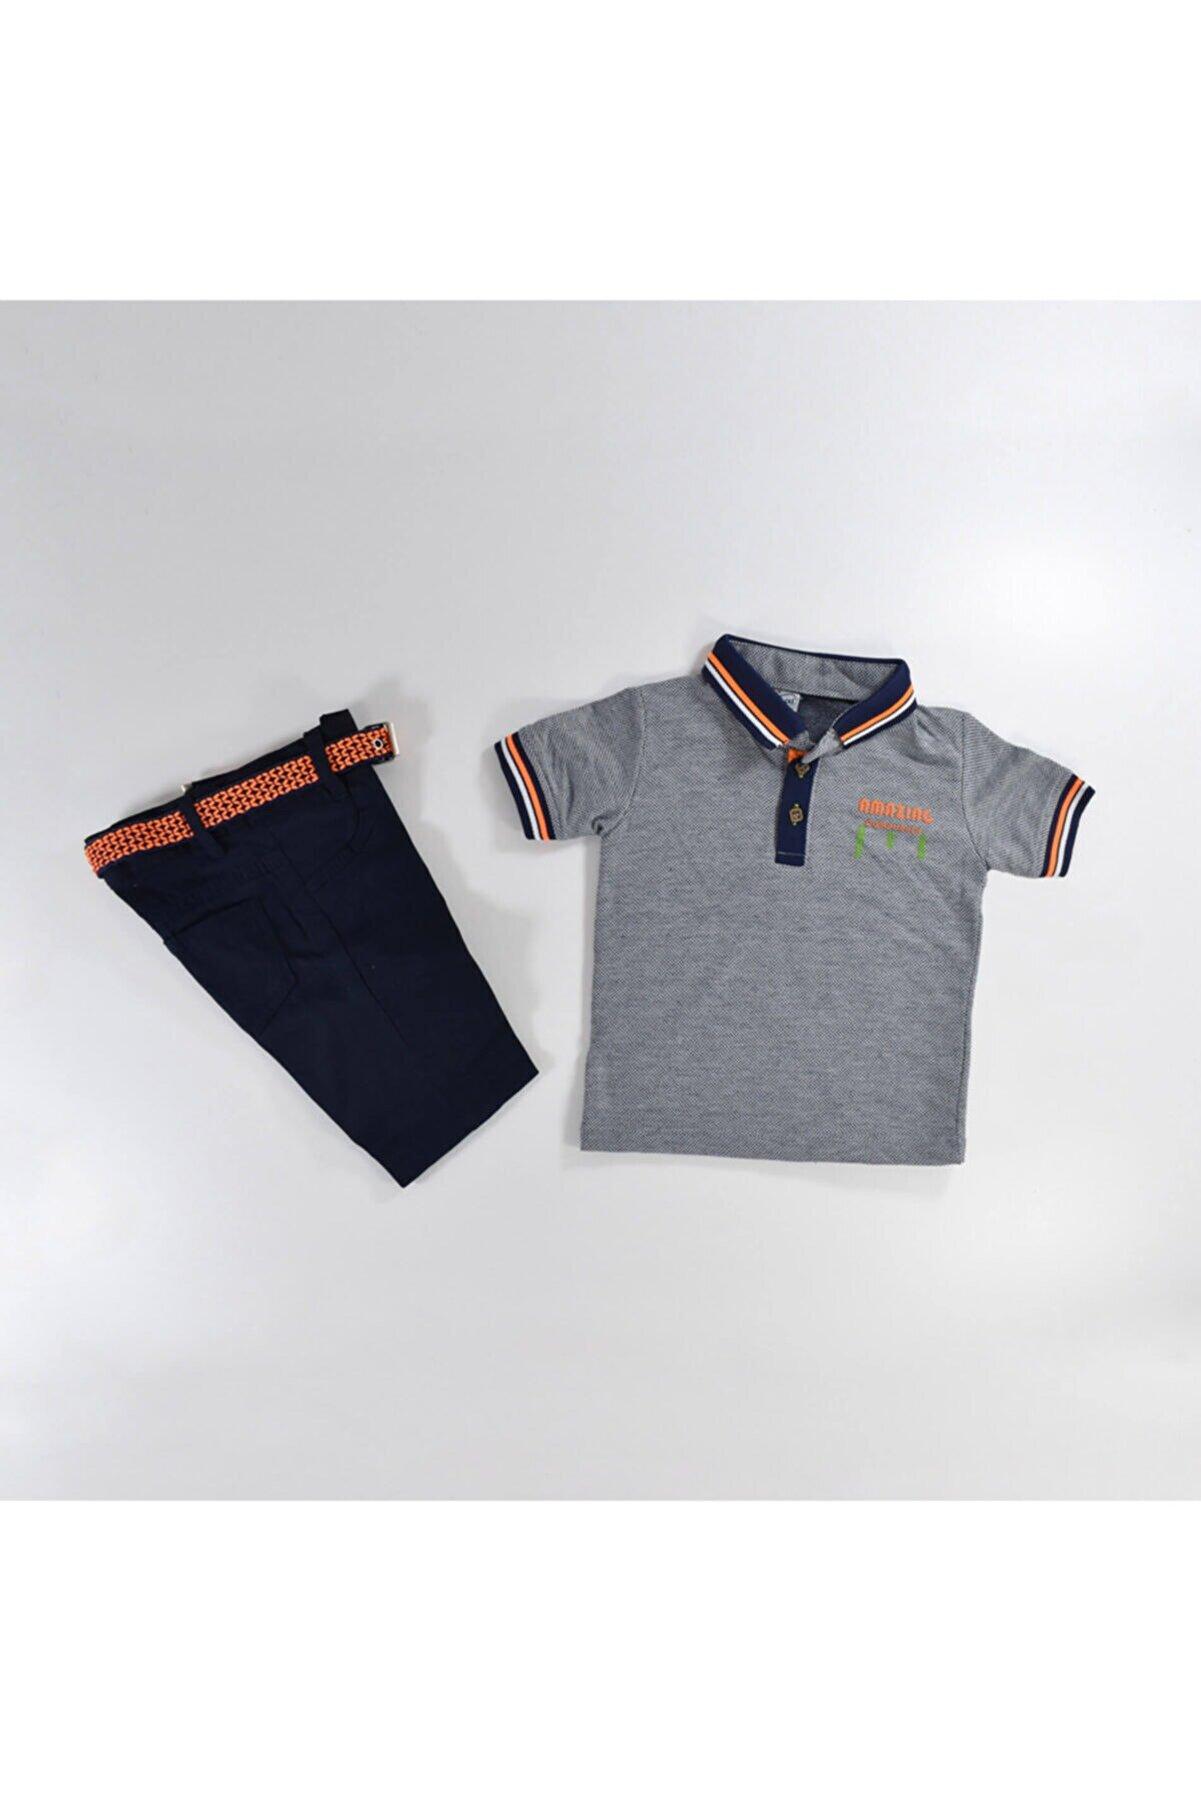 Mersevkids Erkek Çocuk Gri Lacivert Çizgili Tişört Kemerli Pantolon Takım 1-4 Yaş